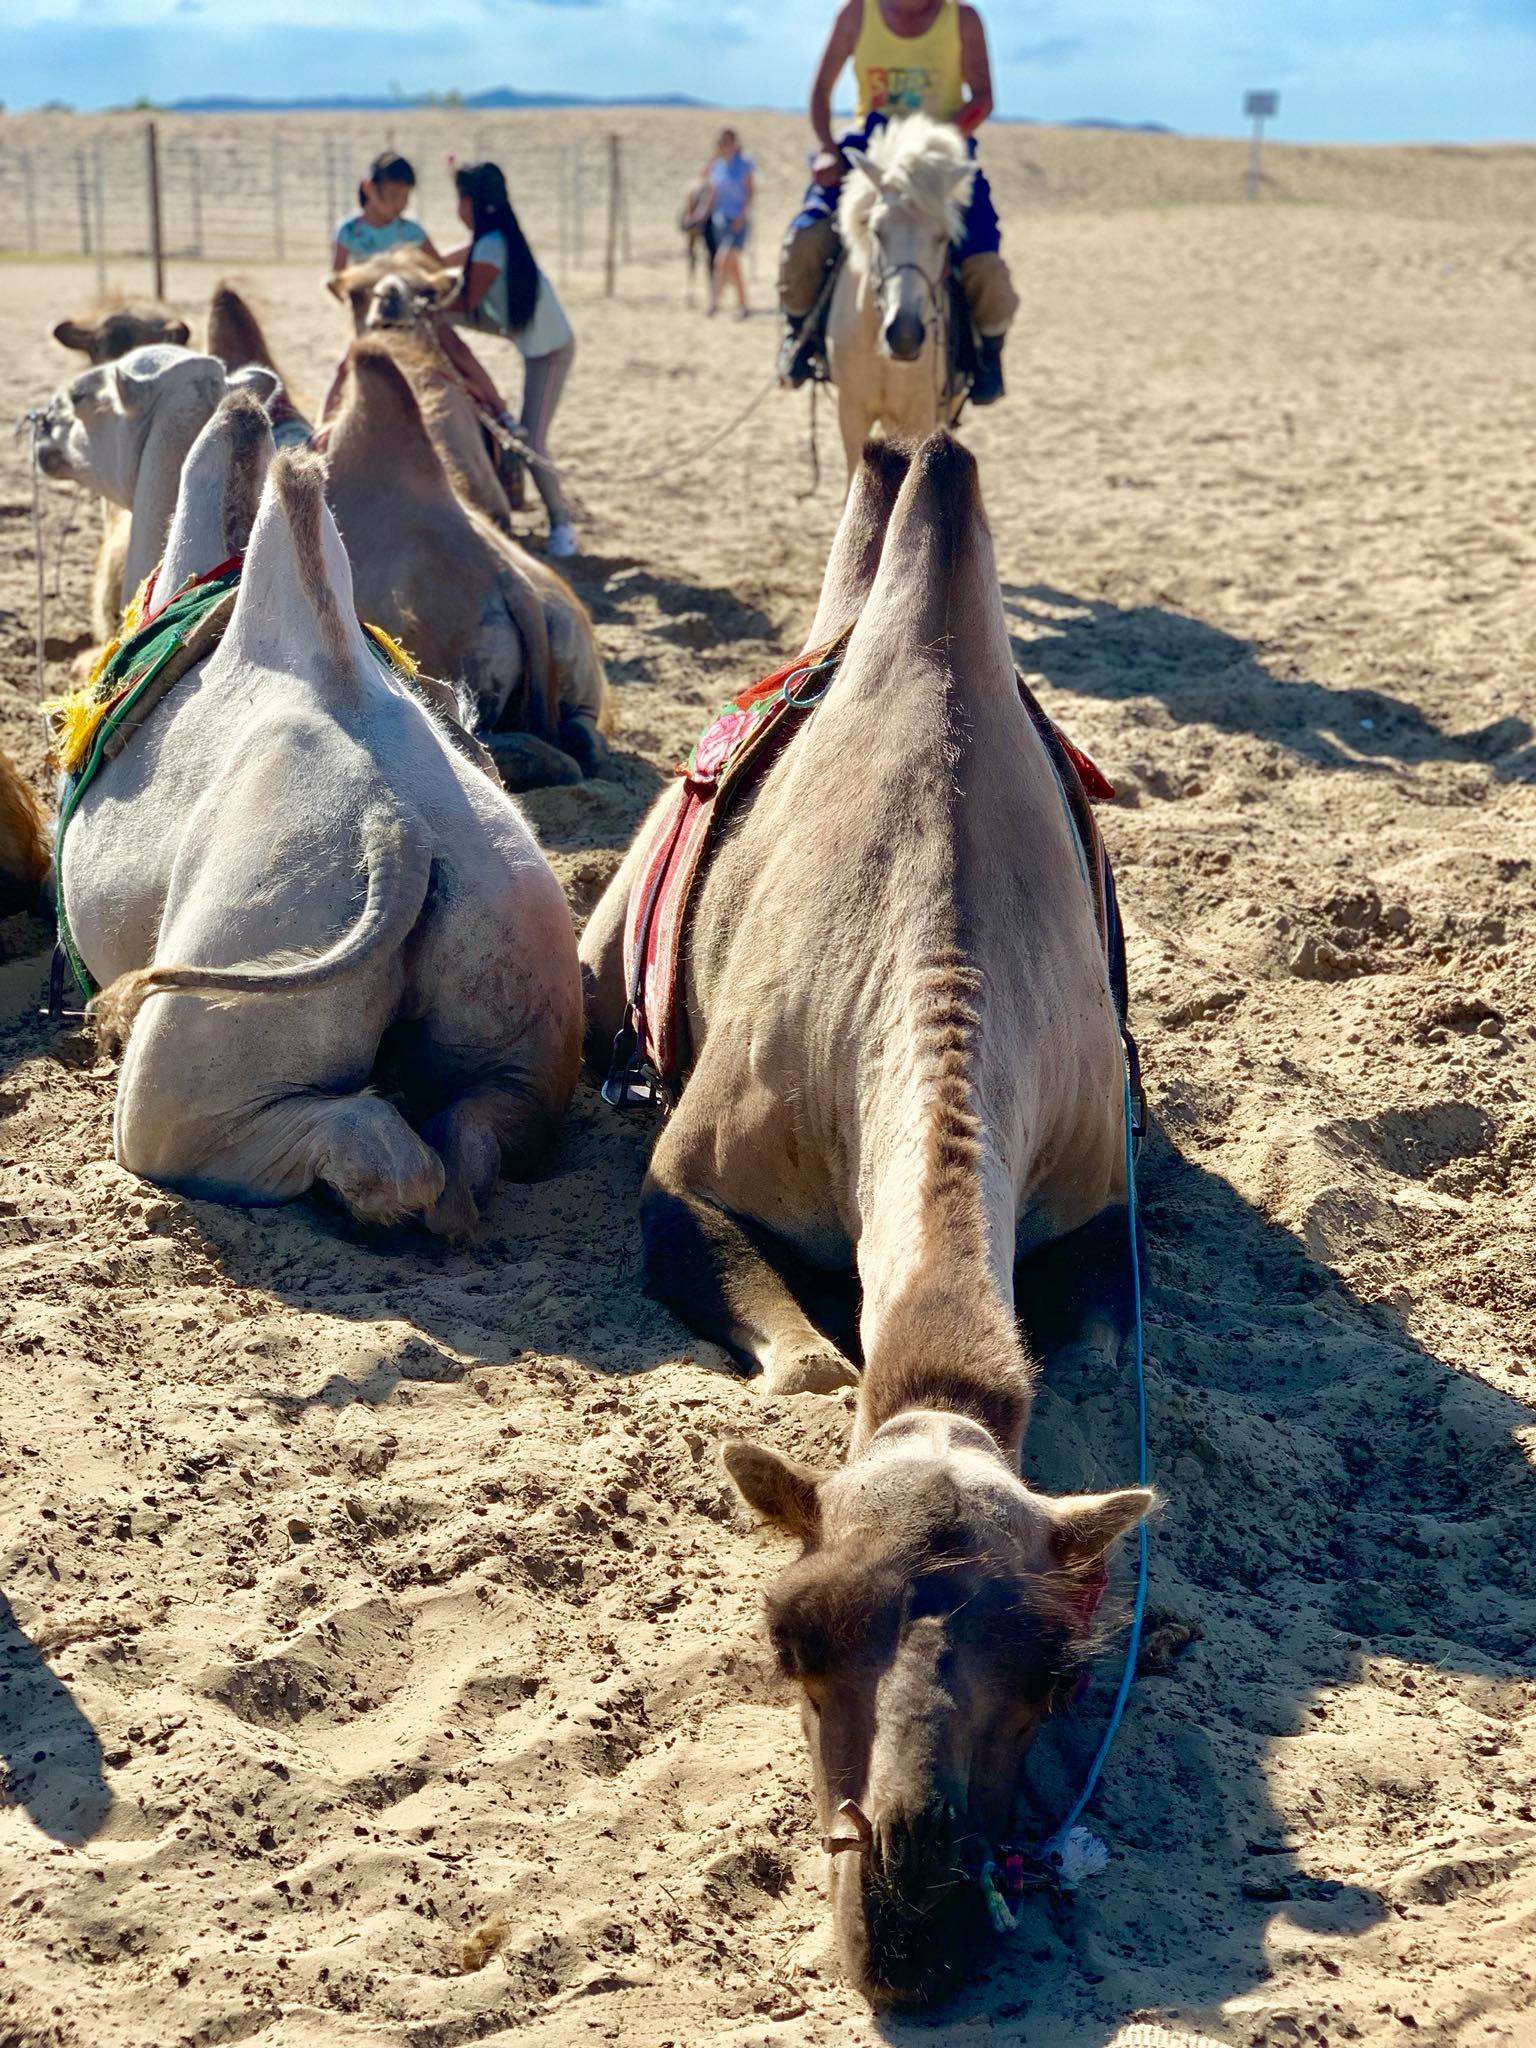 Kach Solo Travels in 2019 Nomadic family in Elsen Tasarkhai16.jpg